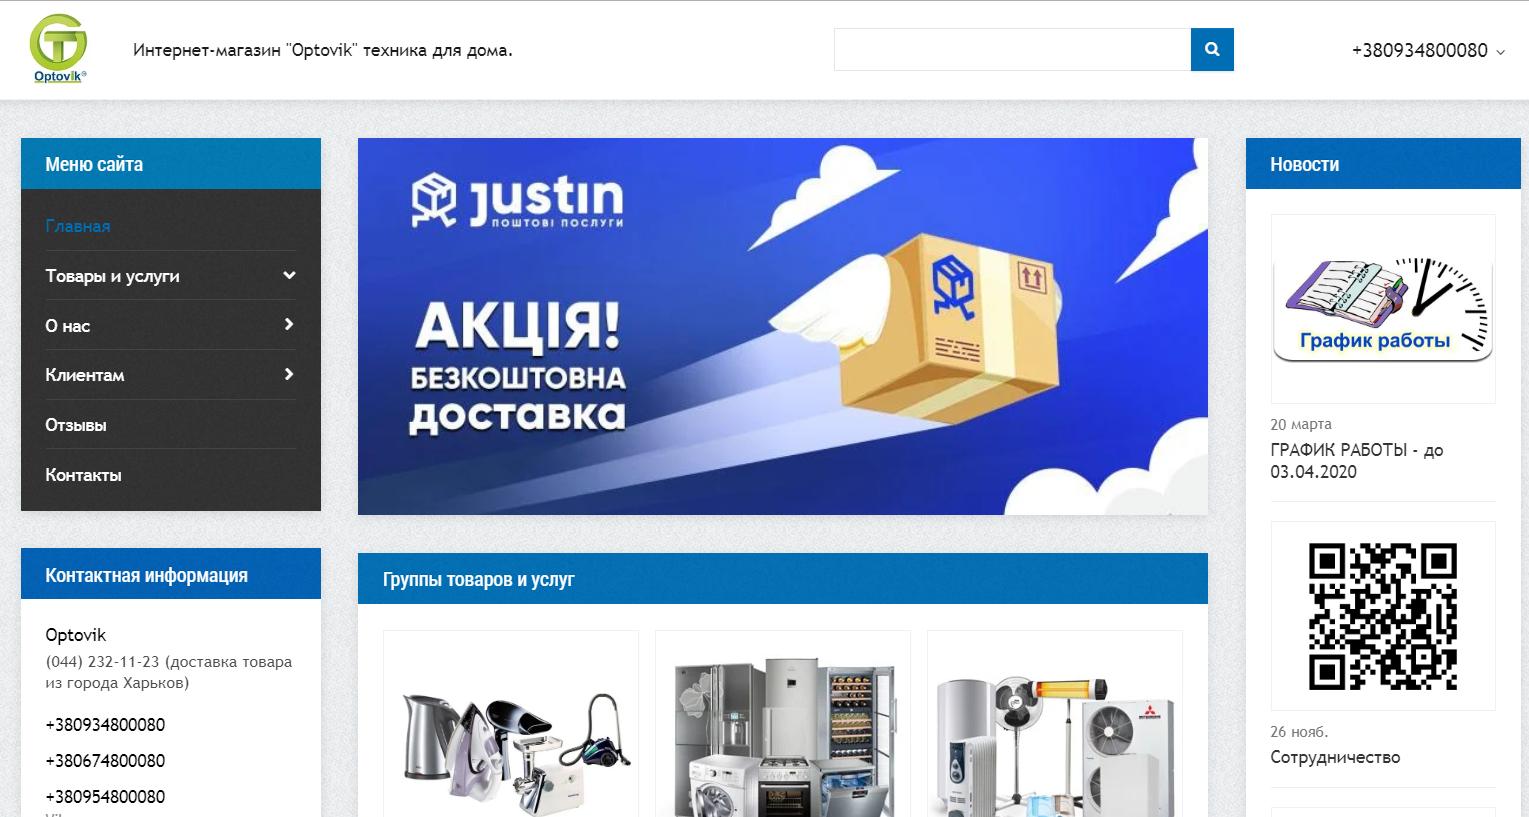 Интернет-магазин Optovik